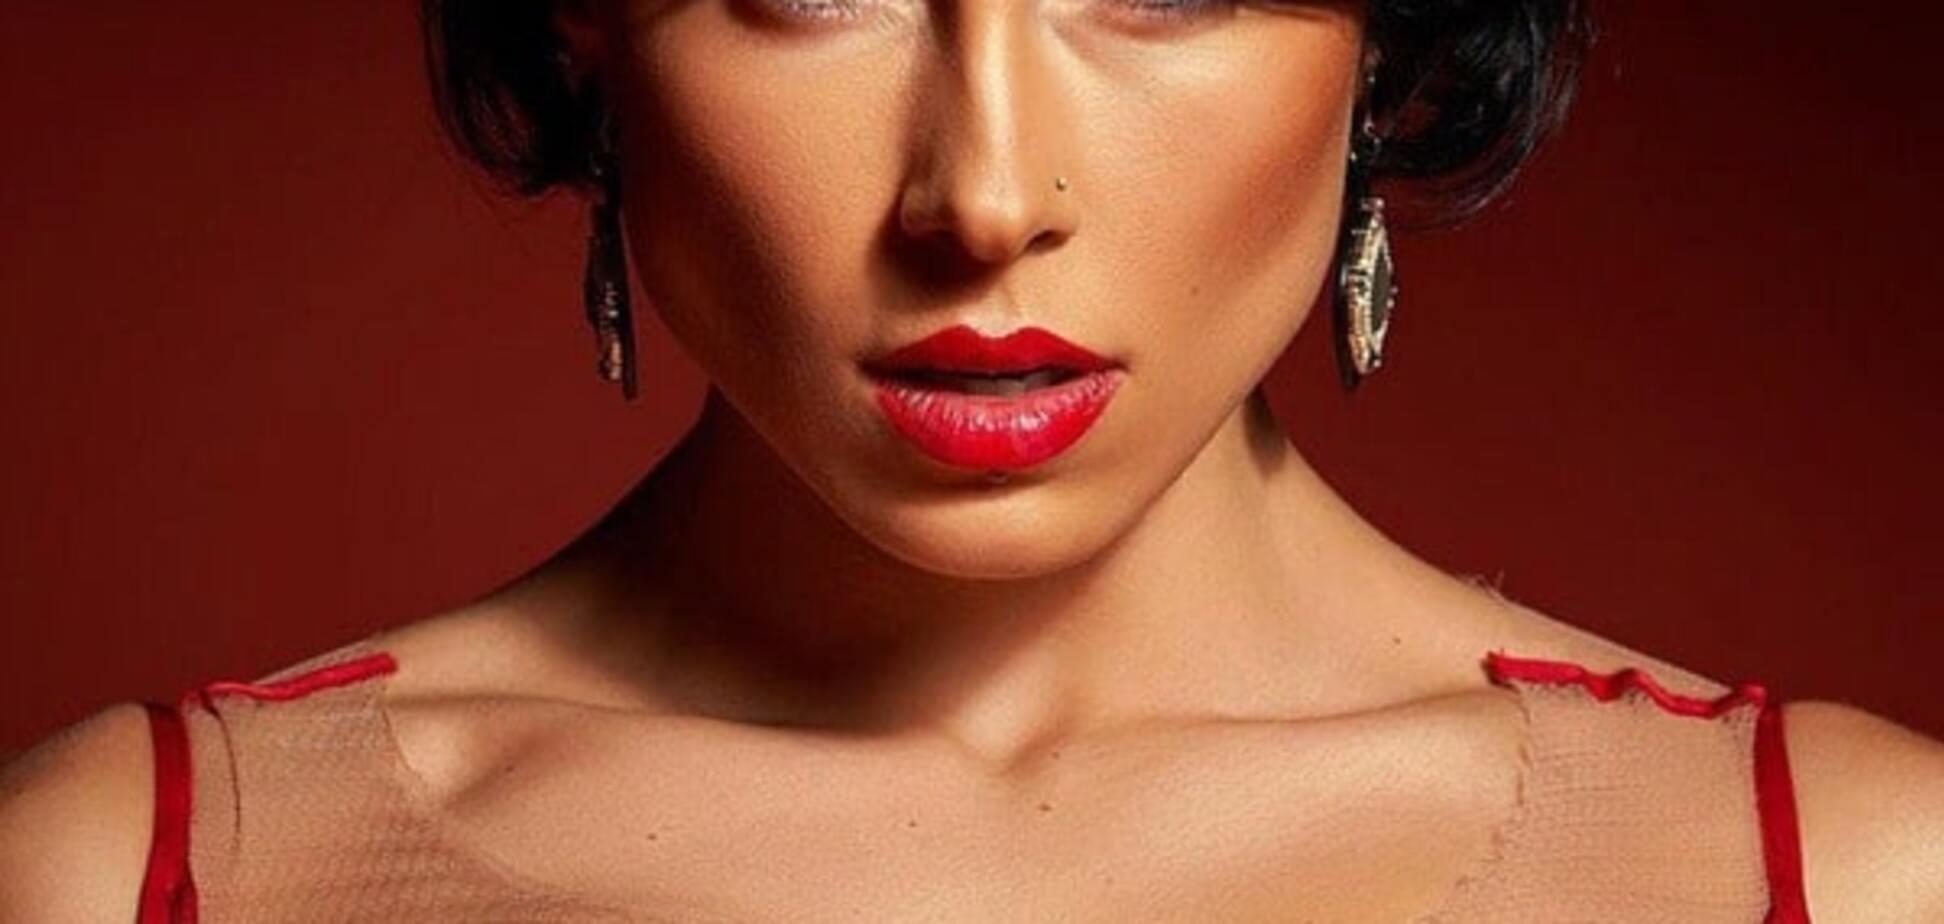 Красотка Нана из группы NikitA увеличила себе грудь: фотофакт